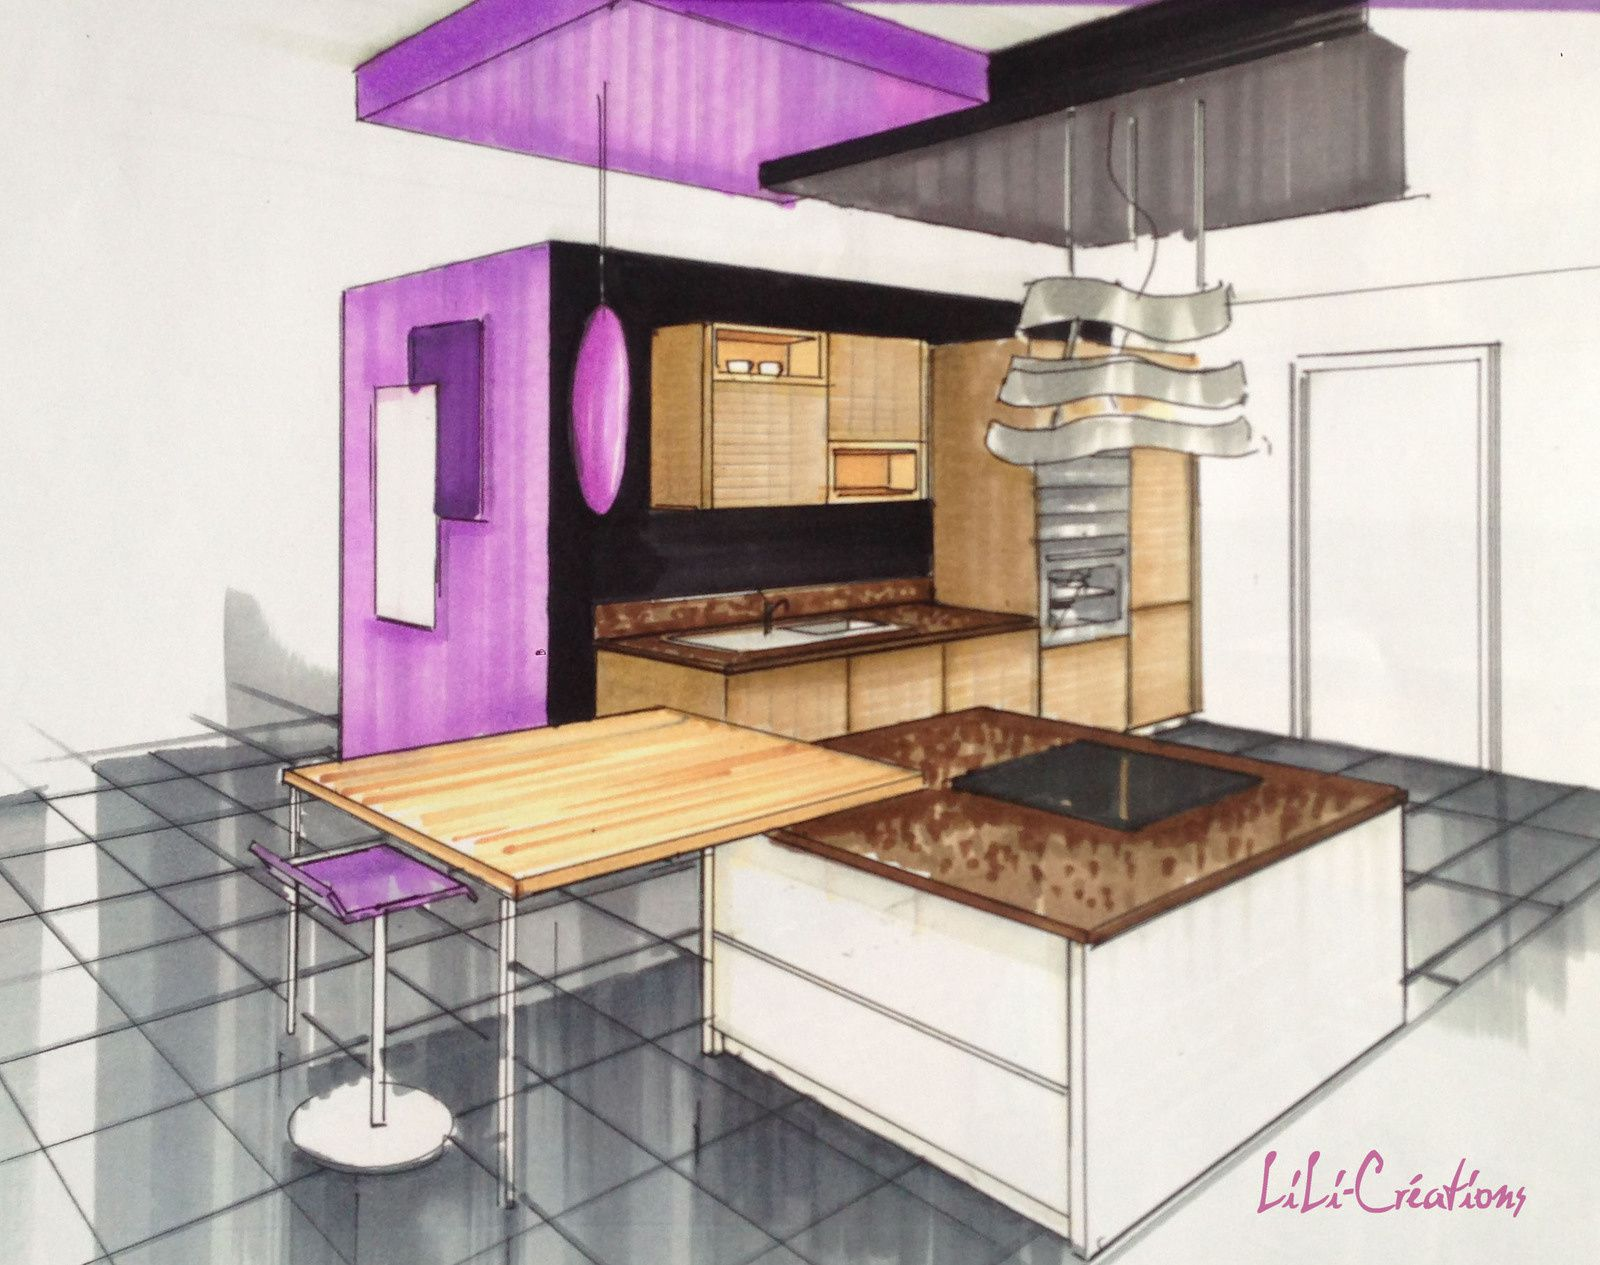 le blog de elise fossoux d coration architecture d 39 int rieur dessin design am nagement. Black Bedroom Furniture Sets. Home Design Ideas